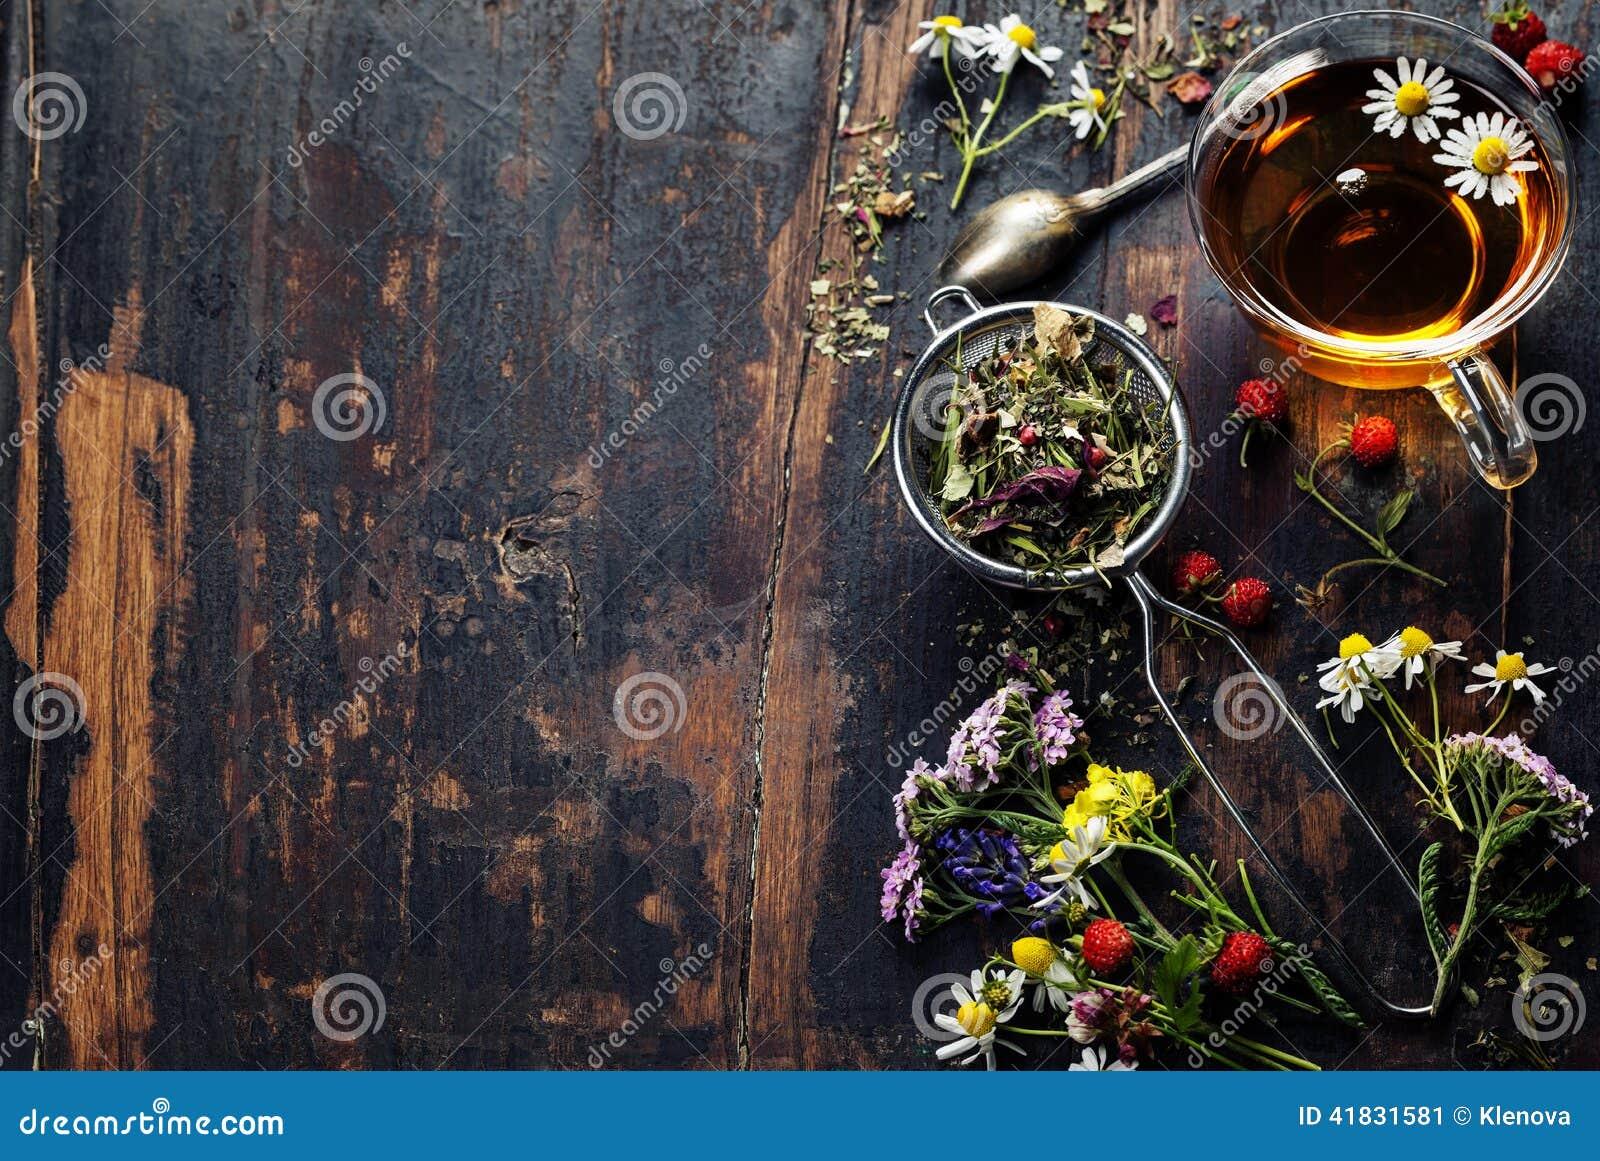 Arvense filiżanki equisetum ostrości szklanej ziołowej horsetail infuzi naturopathy selekcyjna herbata